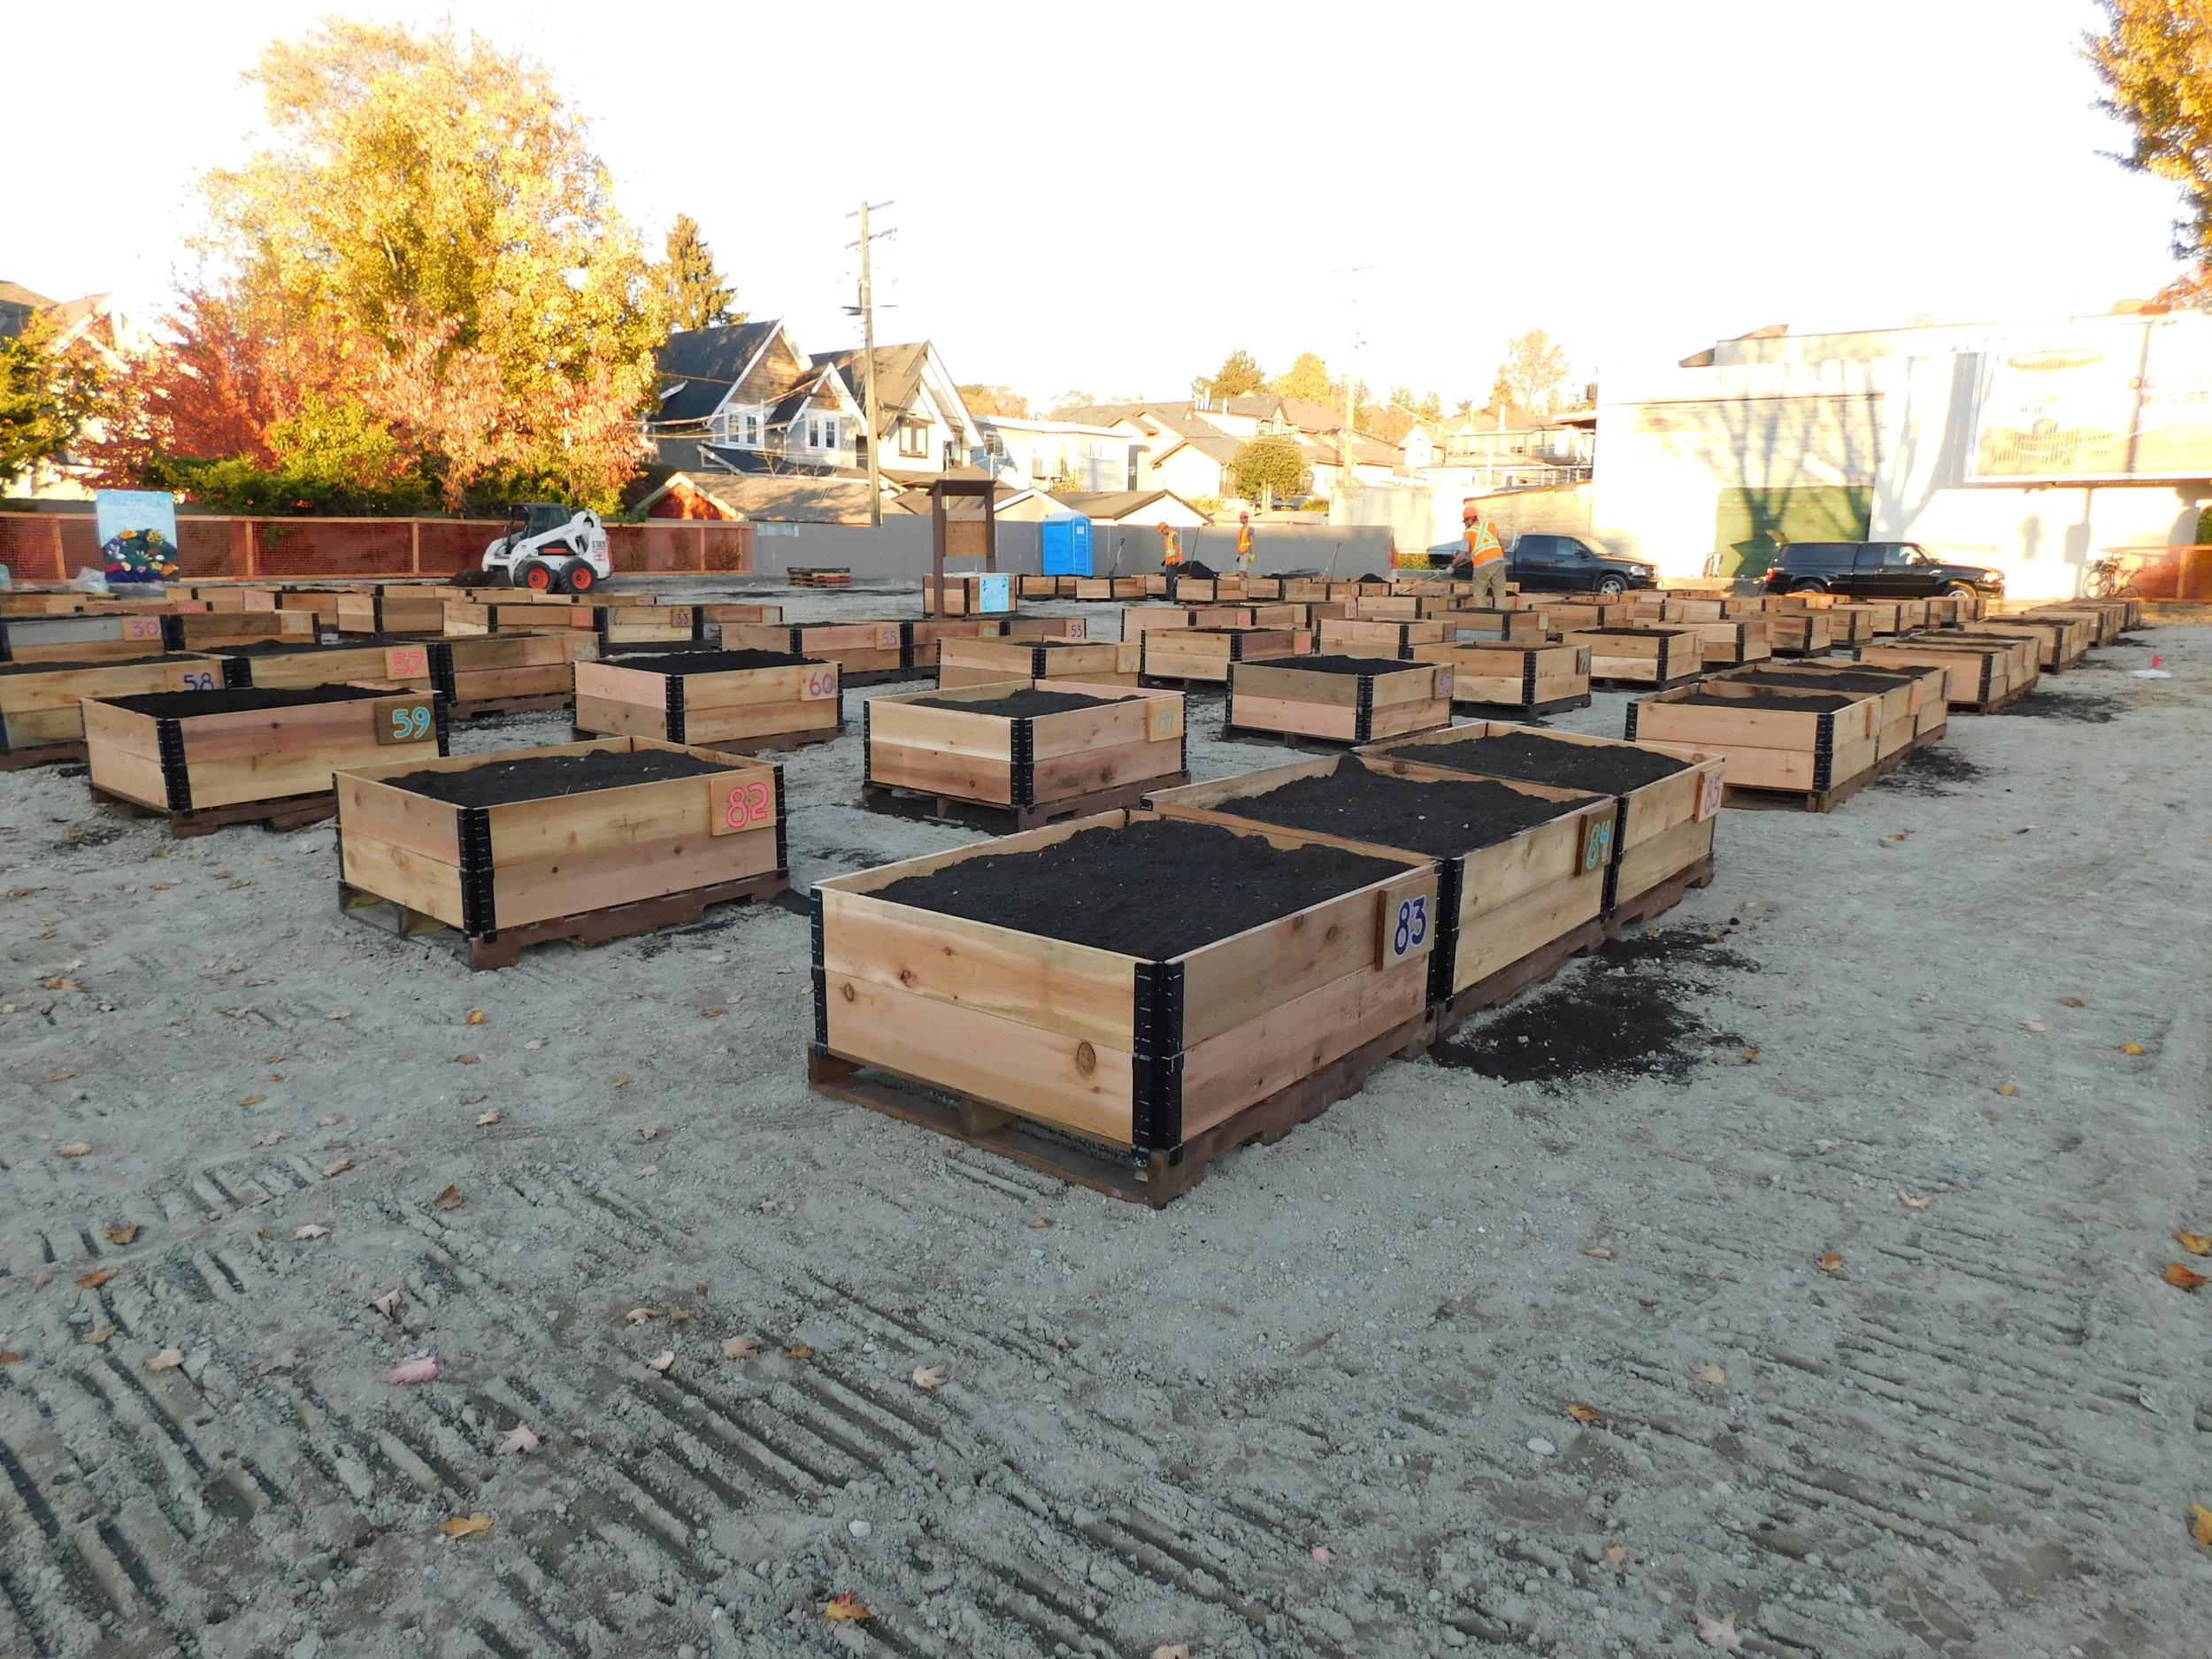 4th_Macdonald_Vancouver_Community_Garden_Builders-0019.JPG